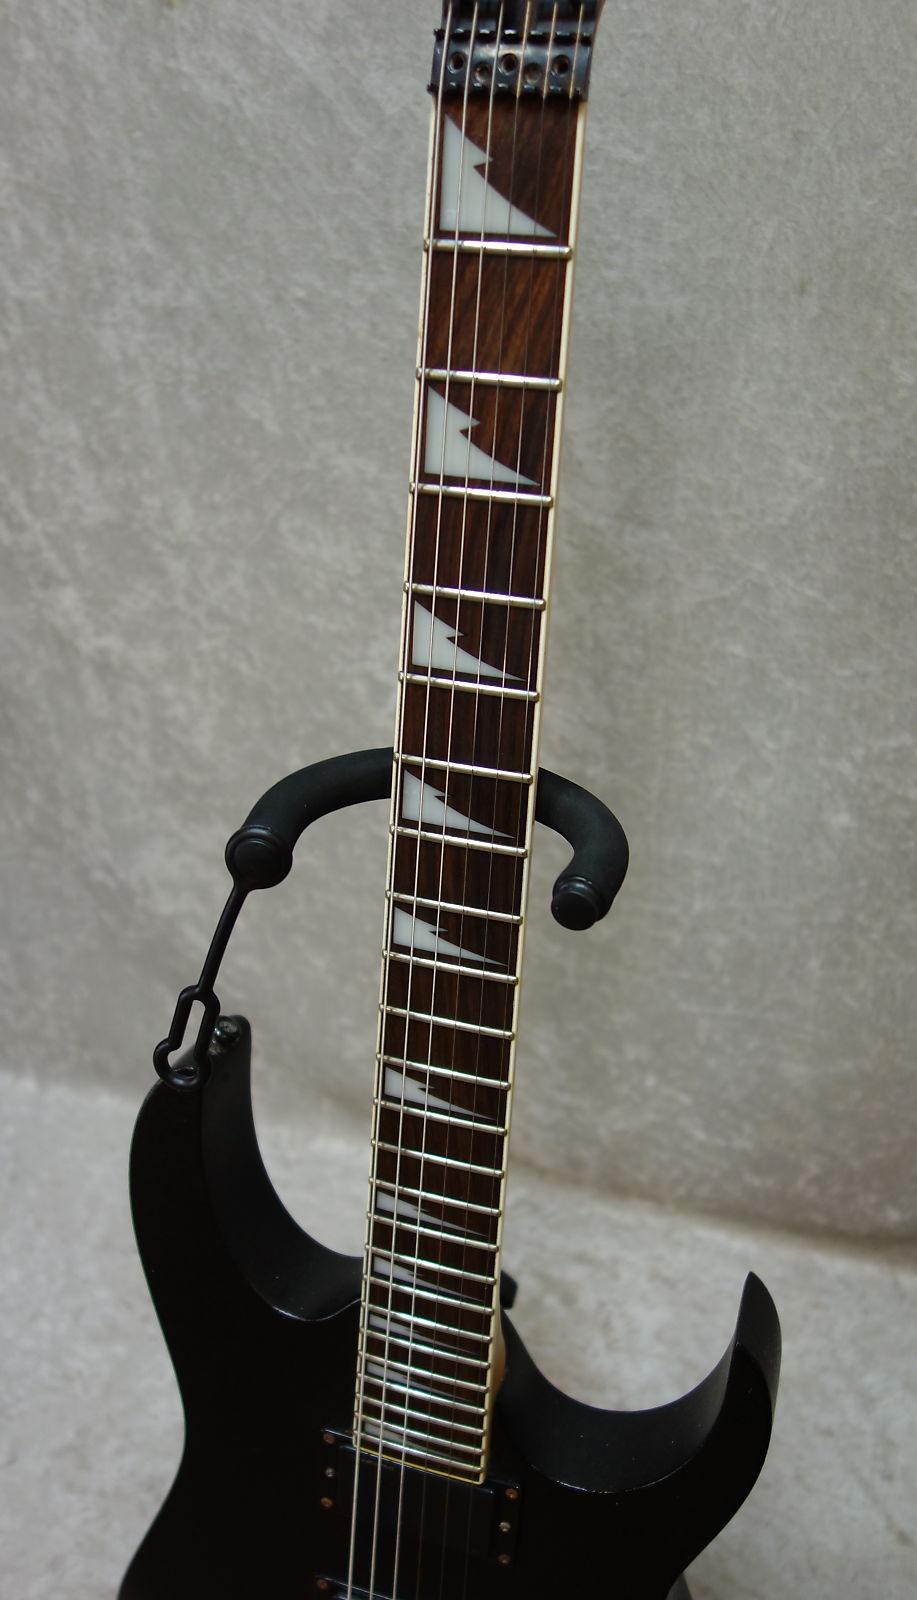 Ibanez RG Series RGR320EX electric guitar